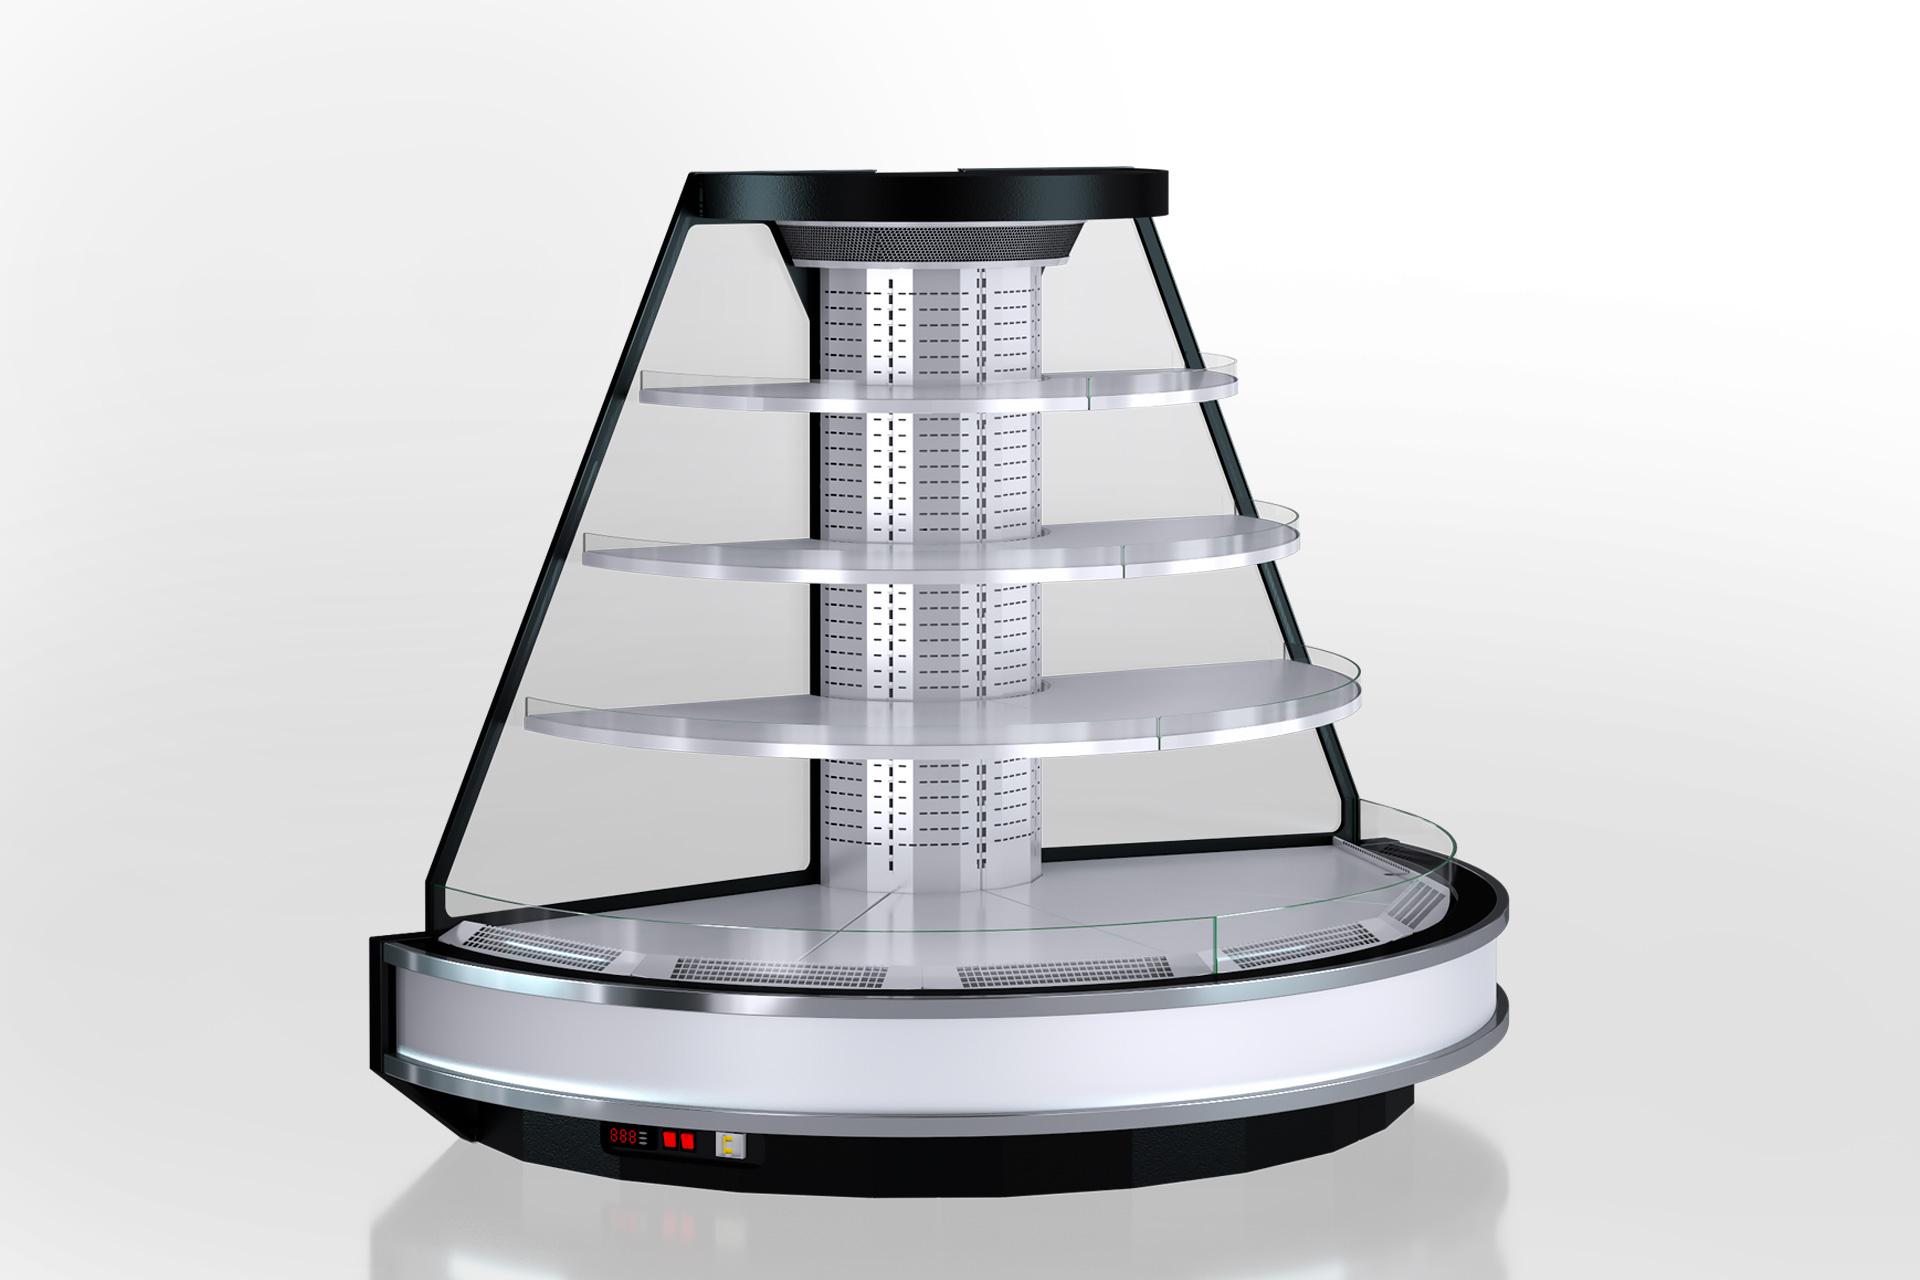 Холодильні напіввертикальні вітрини Мissouri cold diamond island MV 095 deli self 150-DLM-TR190